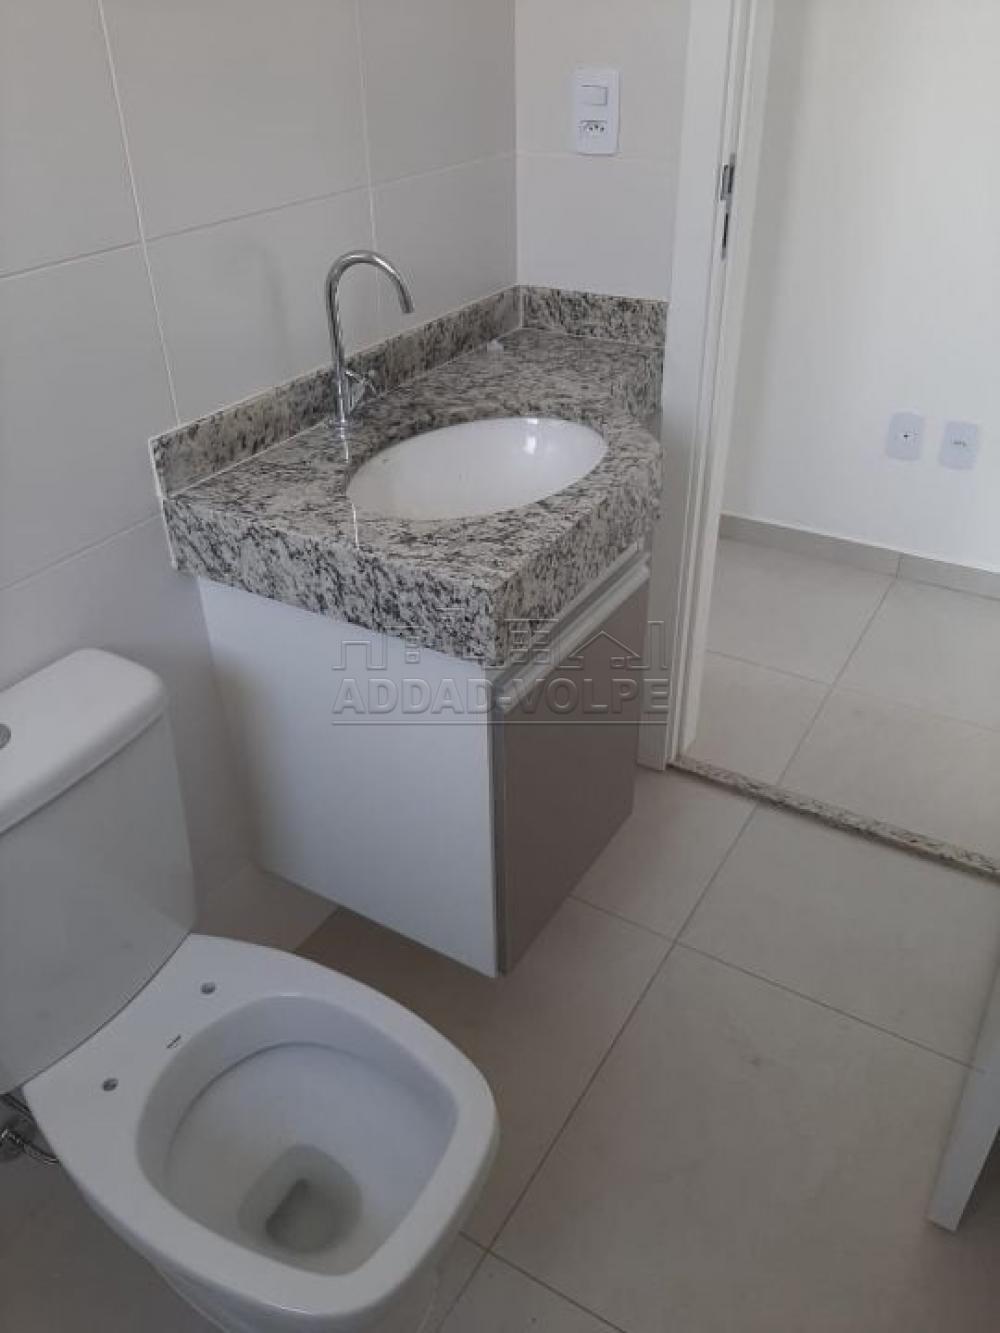 Alugar Apartamento / Padrão em Bauru R$ 950,00 - Foto 12